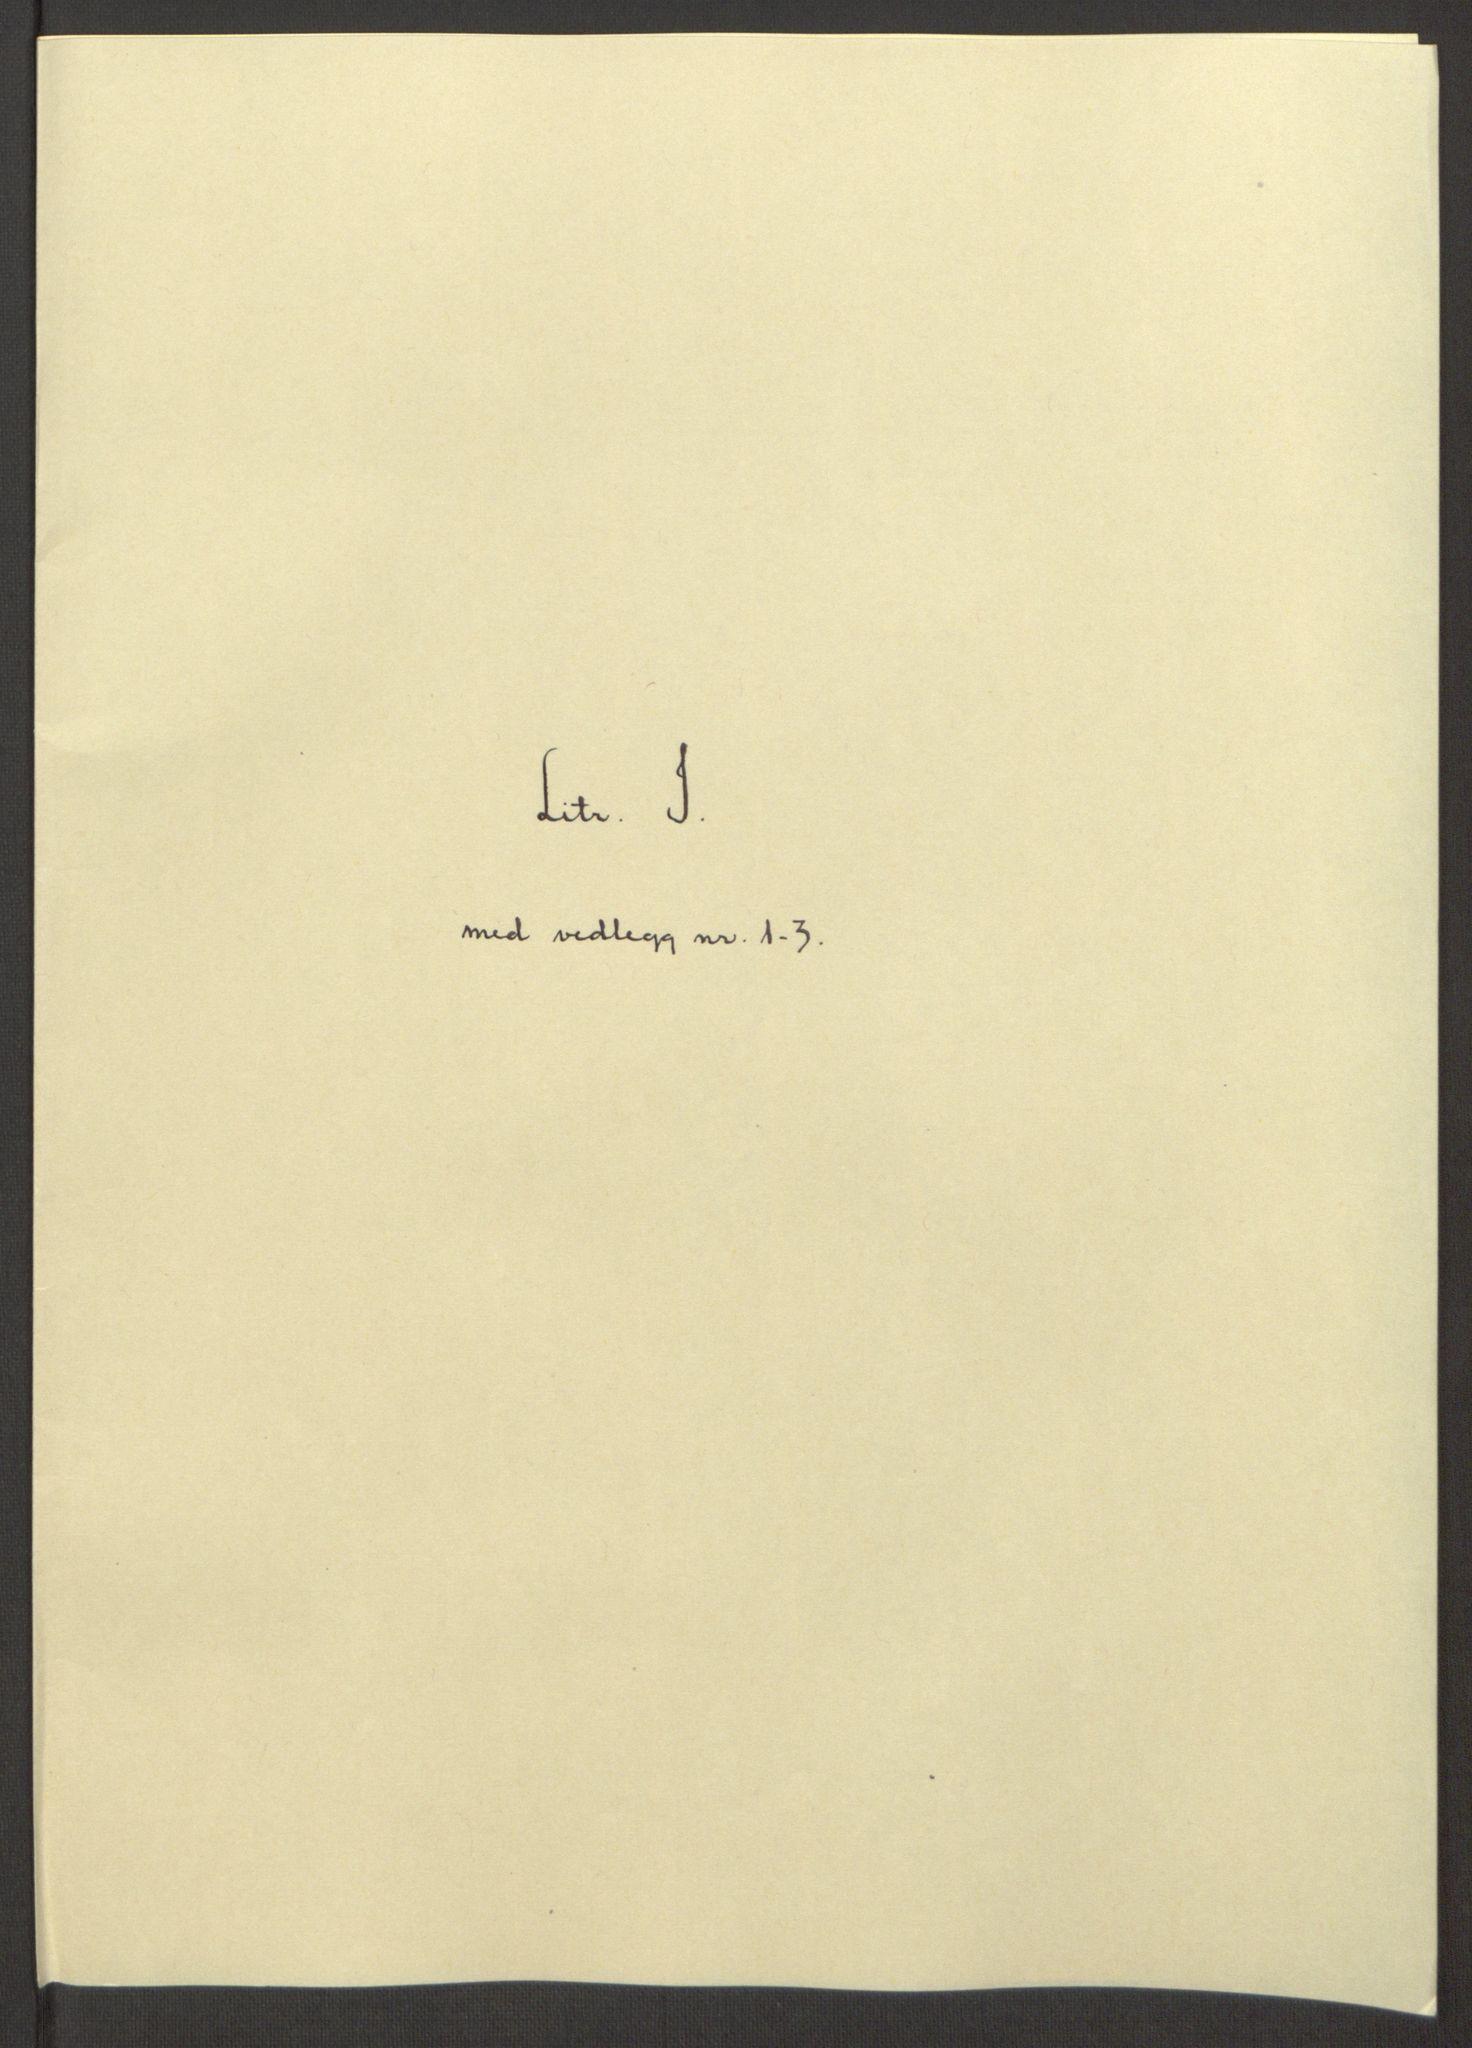 RA, Rentekammeret inntil 1814, Reviderte regnskaper, Fogderegnskap, R64/L4423: Fogderegnskap Namdal, 1690-1691, s. 51